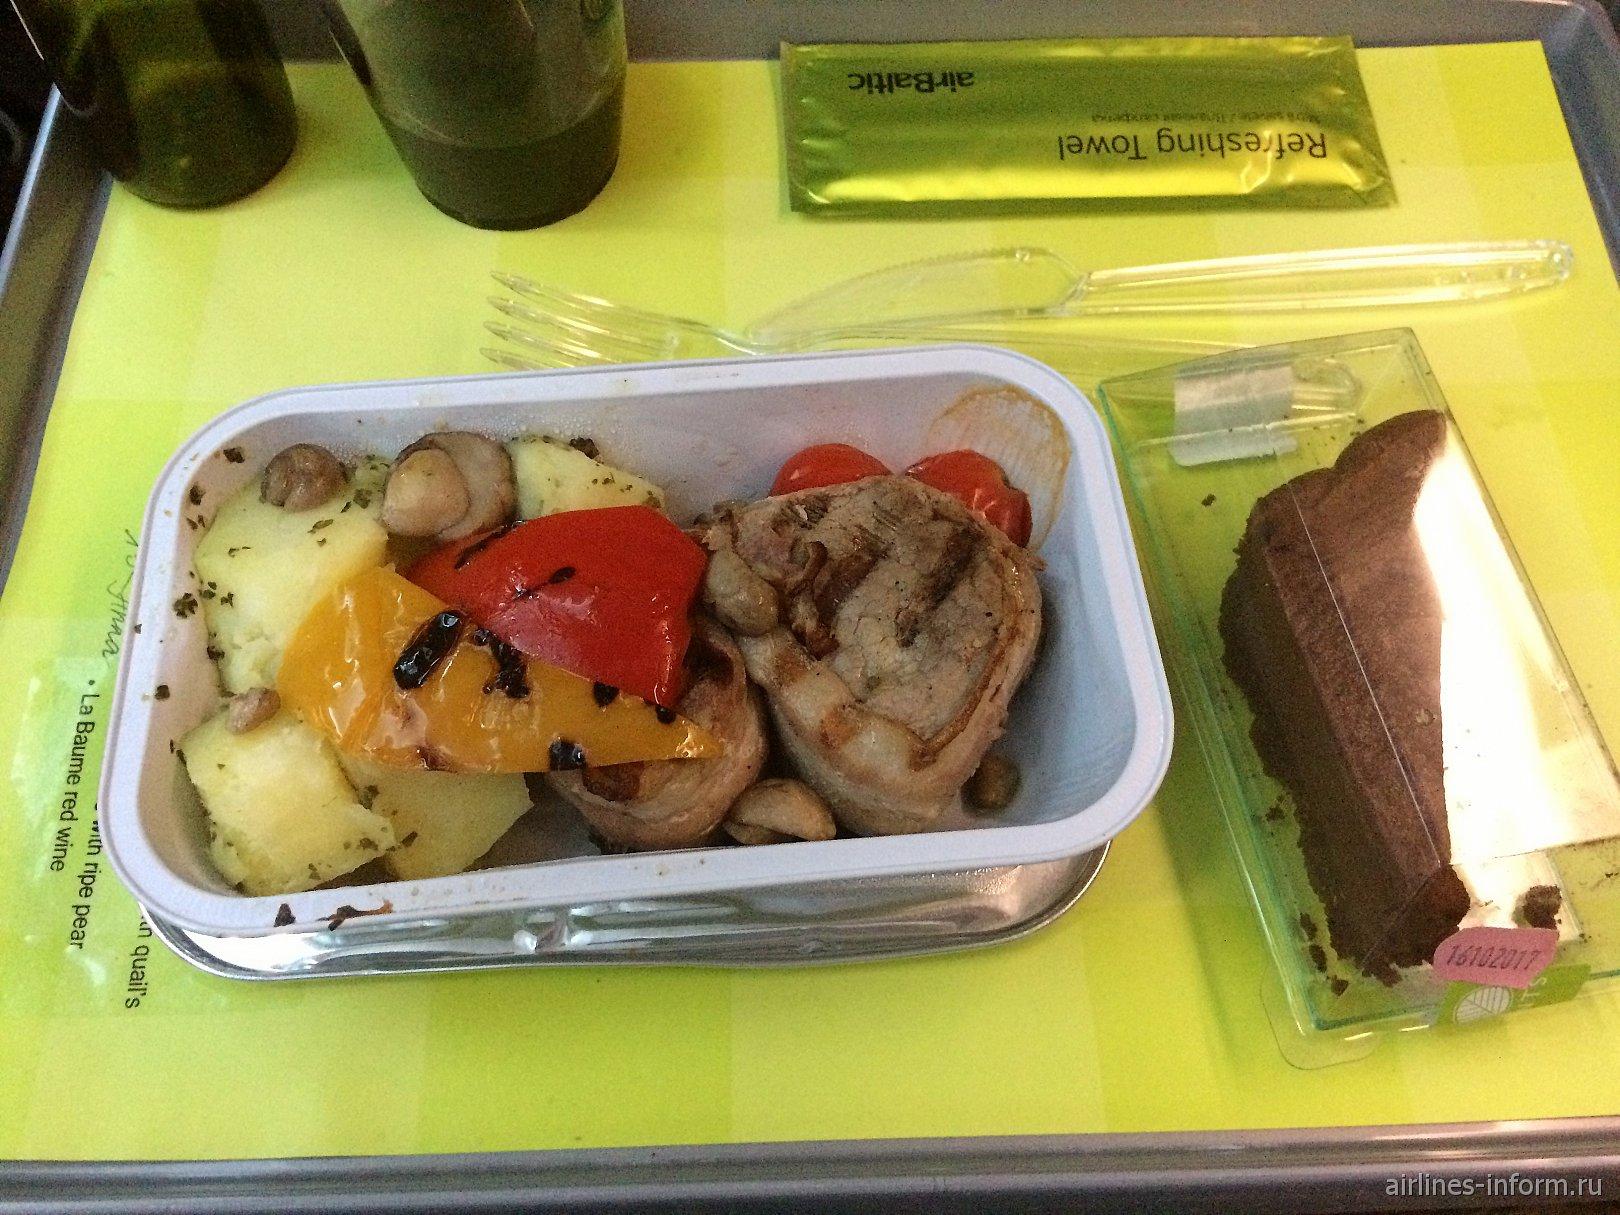 Cвиные медальоны с картофелем и овощами гриль - платное питание на рейсе авиакомпании airBaltic